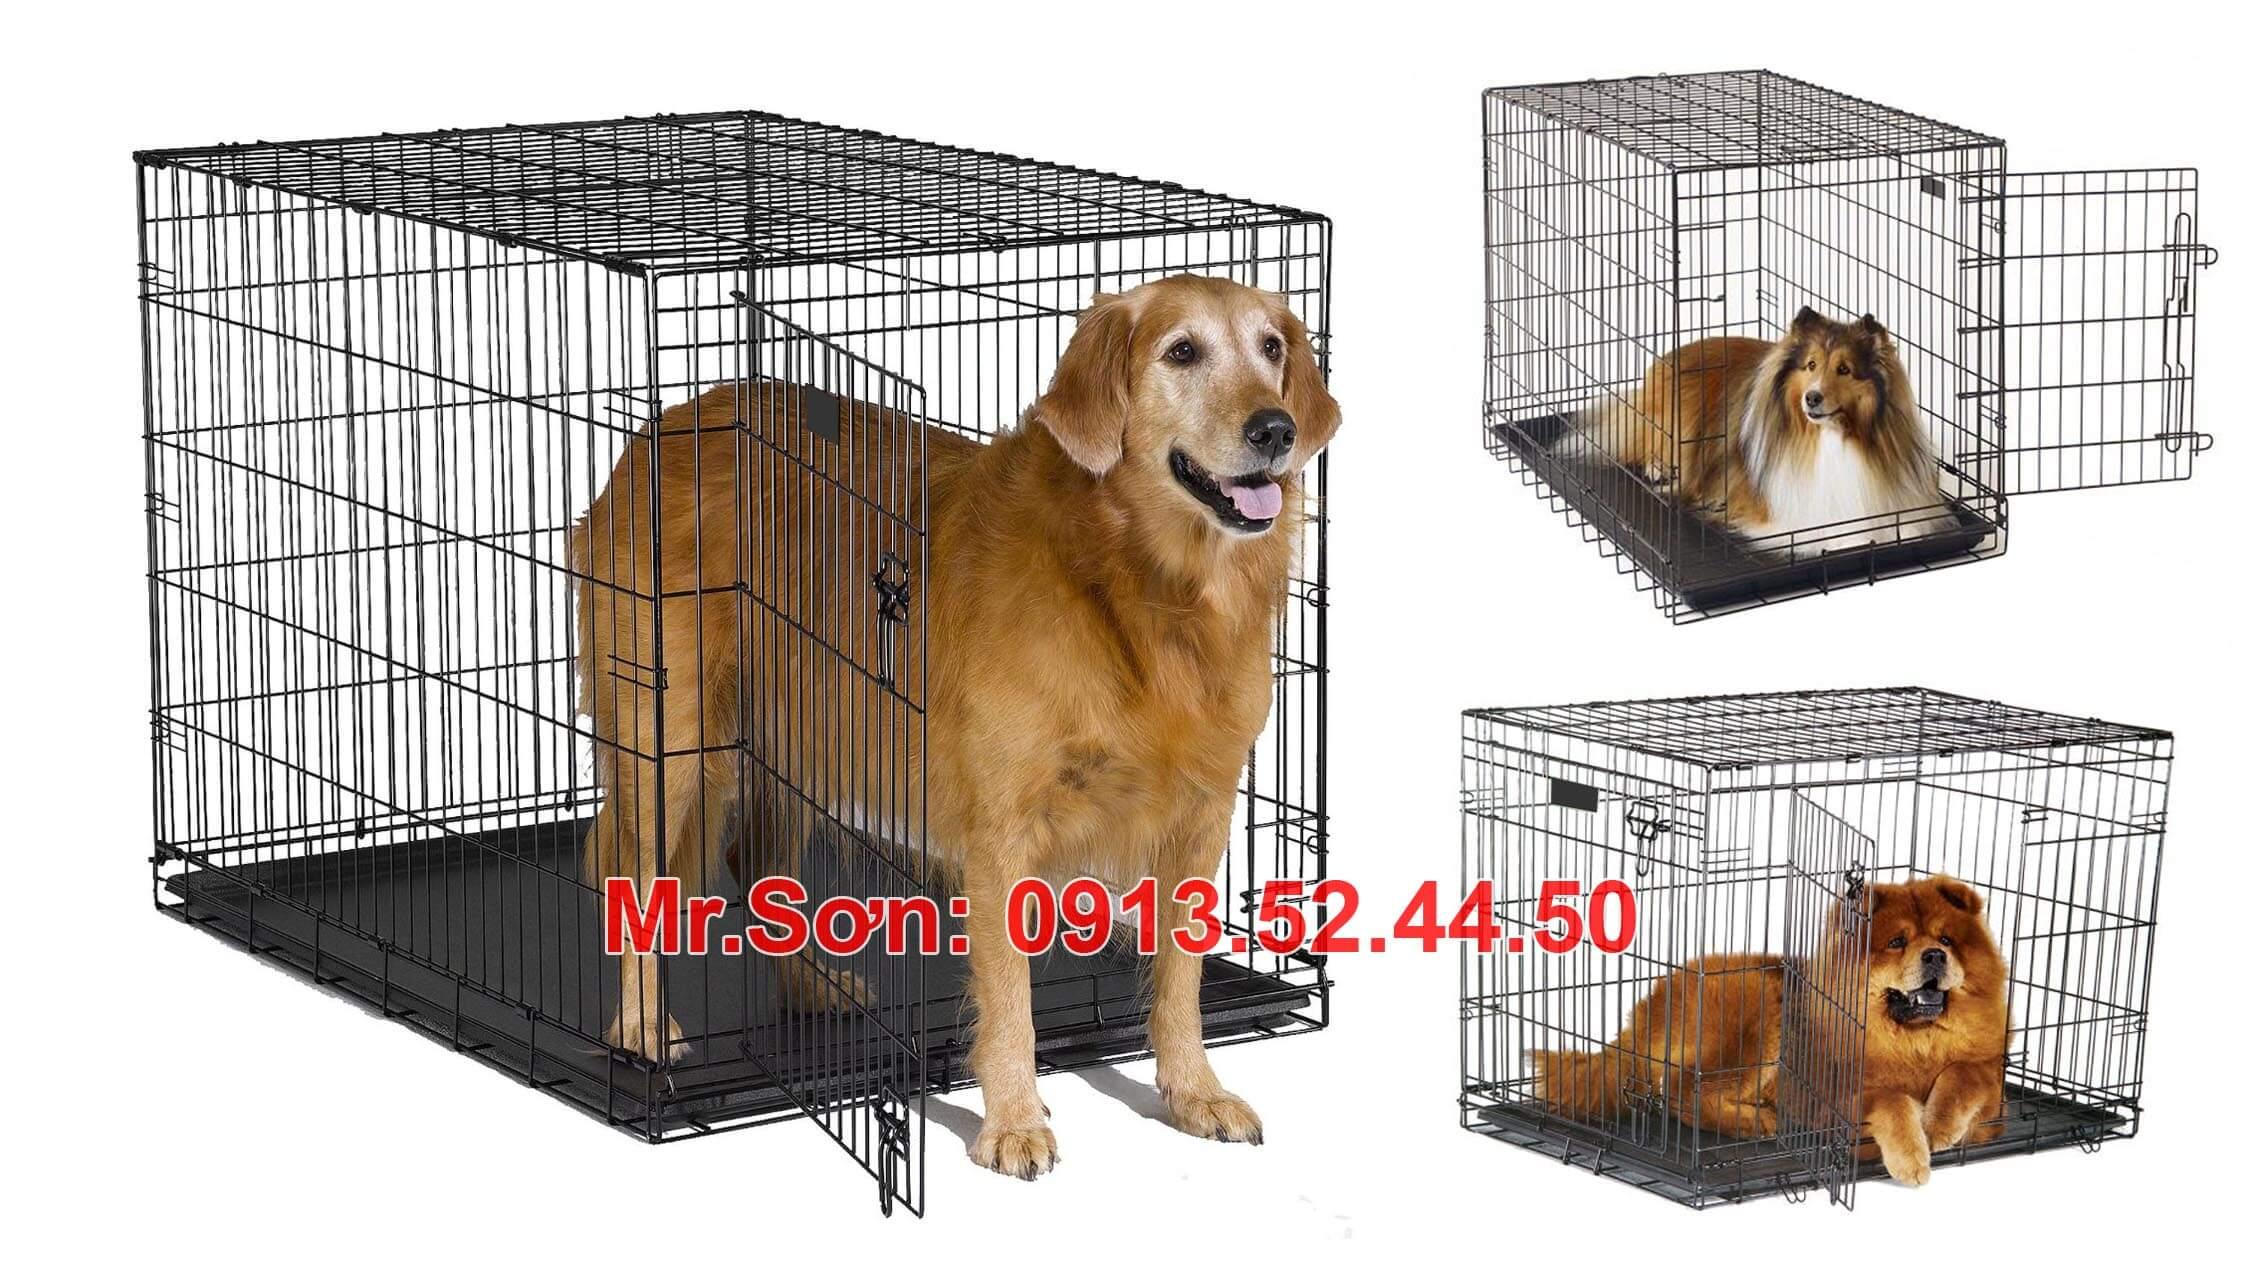 Nhận vận chuyển thú nuôi toàn quốc giá rẻ, uy tín, an toàn - 7